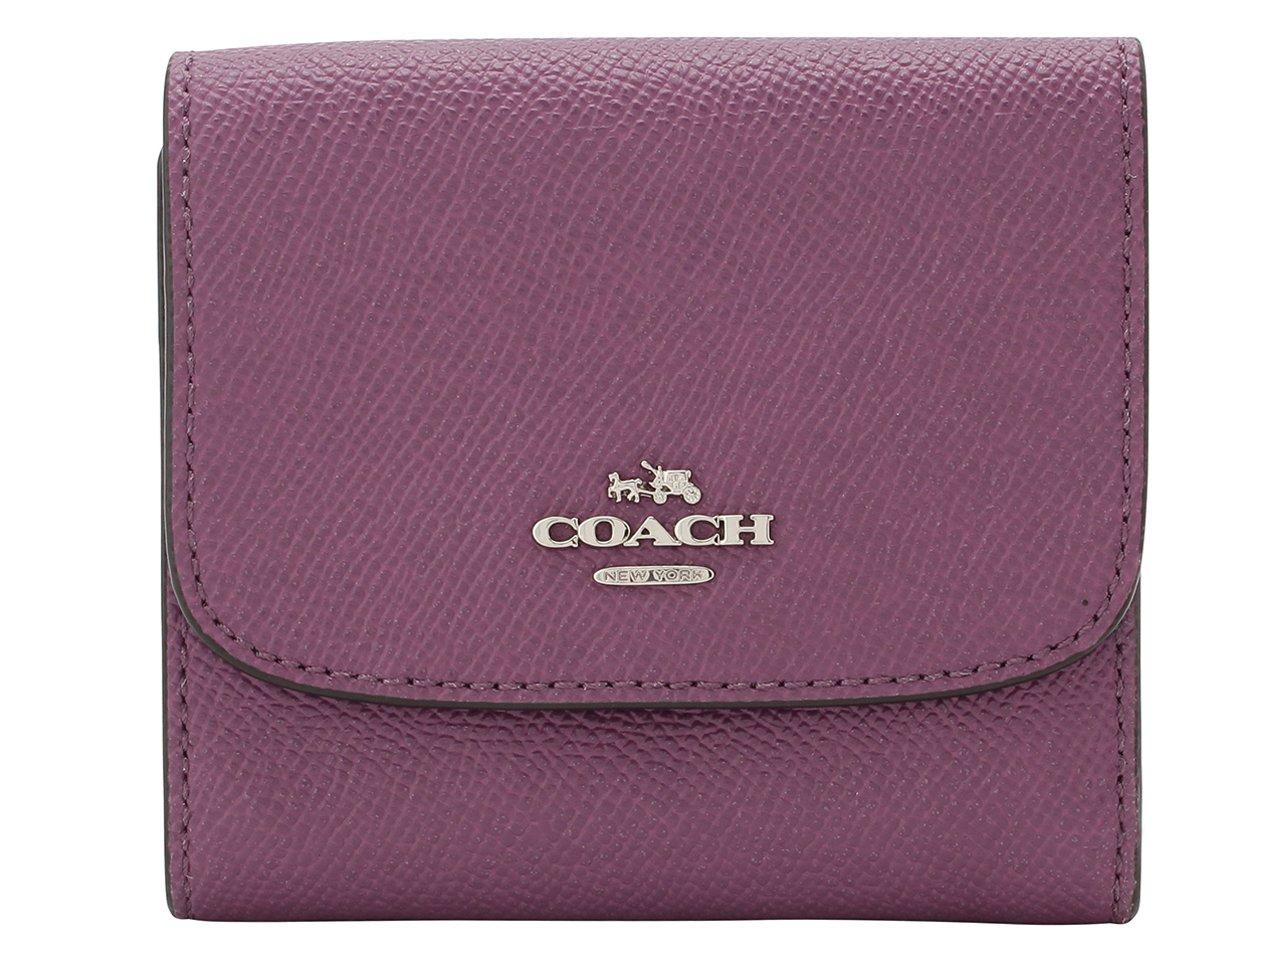 (コーチ) COACH 財布 三つ折り ミニ コンパクト レザー アウトレット [並行輸入品] B075D6VZBJ モーブ モーブ